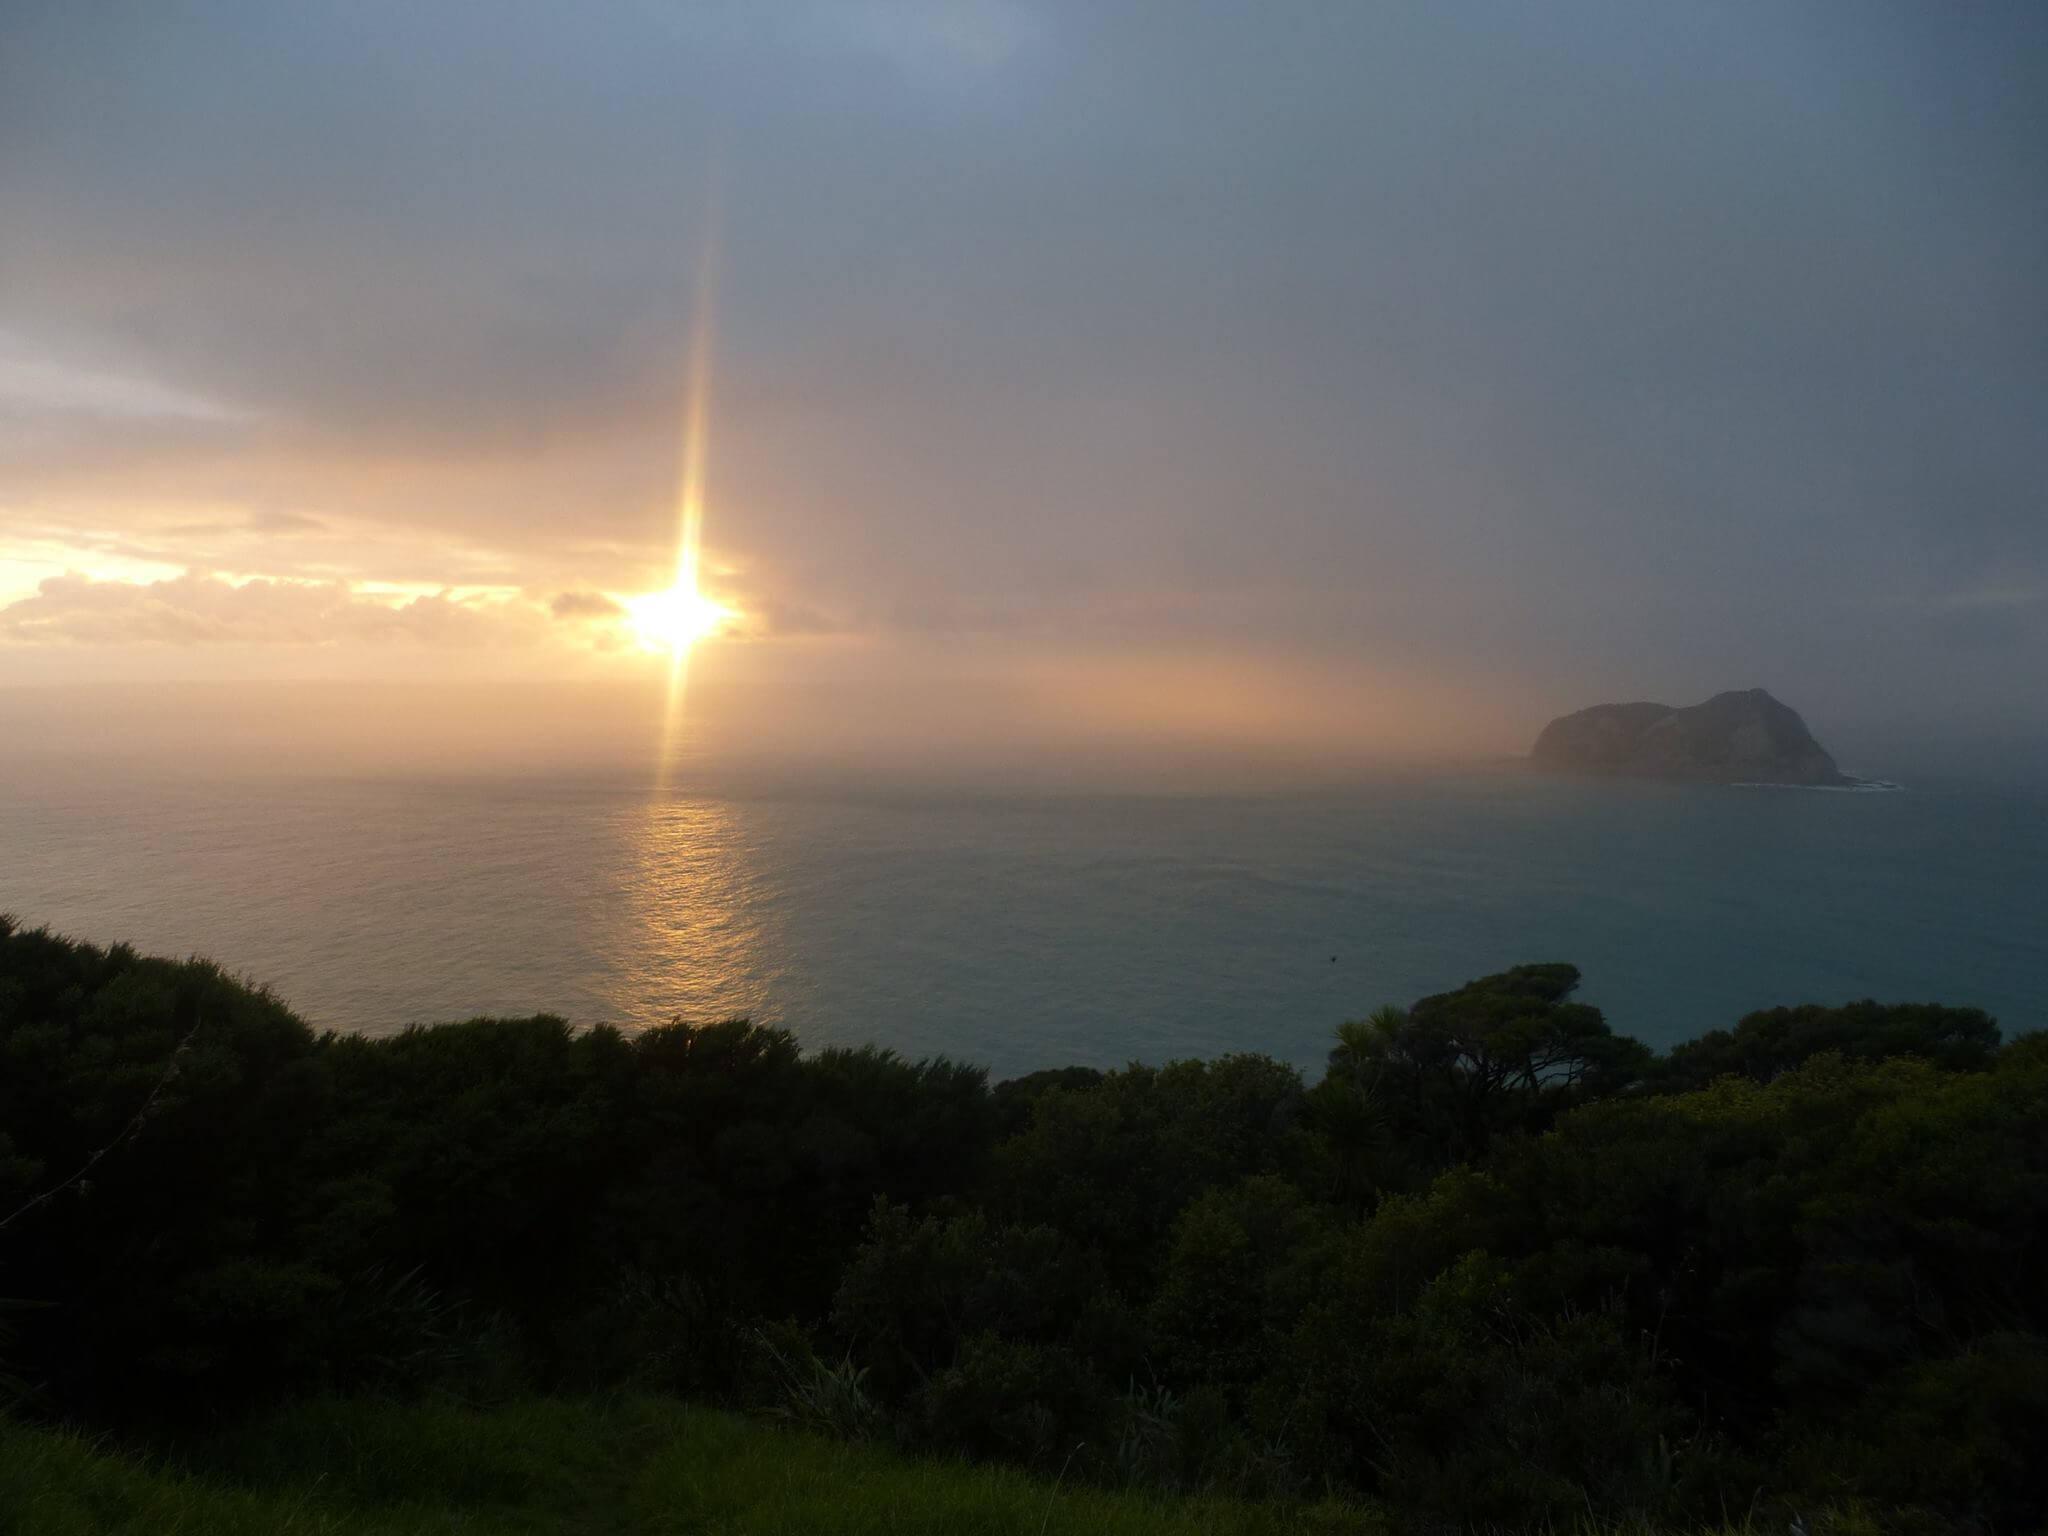 ニュージーランド旅ブログ・真冬の6週間縦断④【ギズボーン】